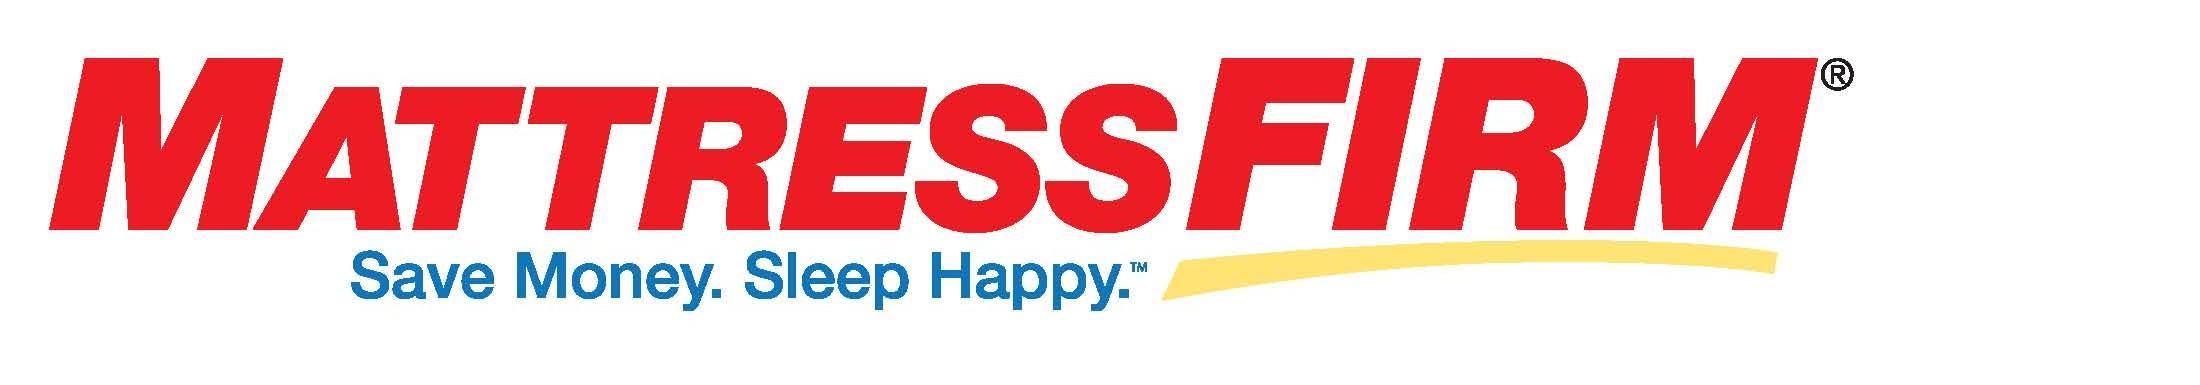 MattressFirm_logo